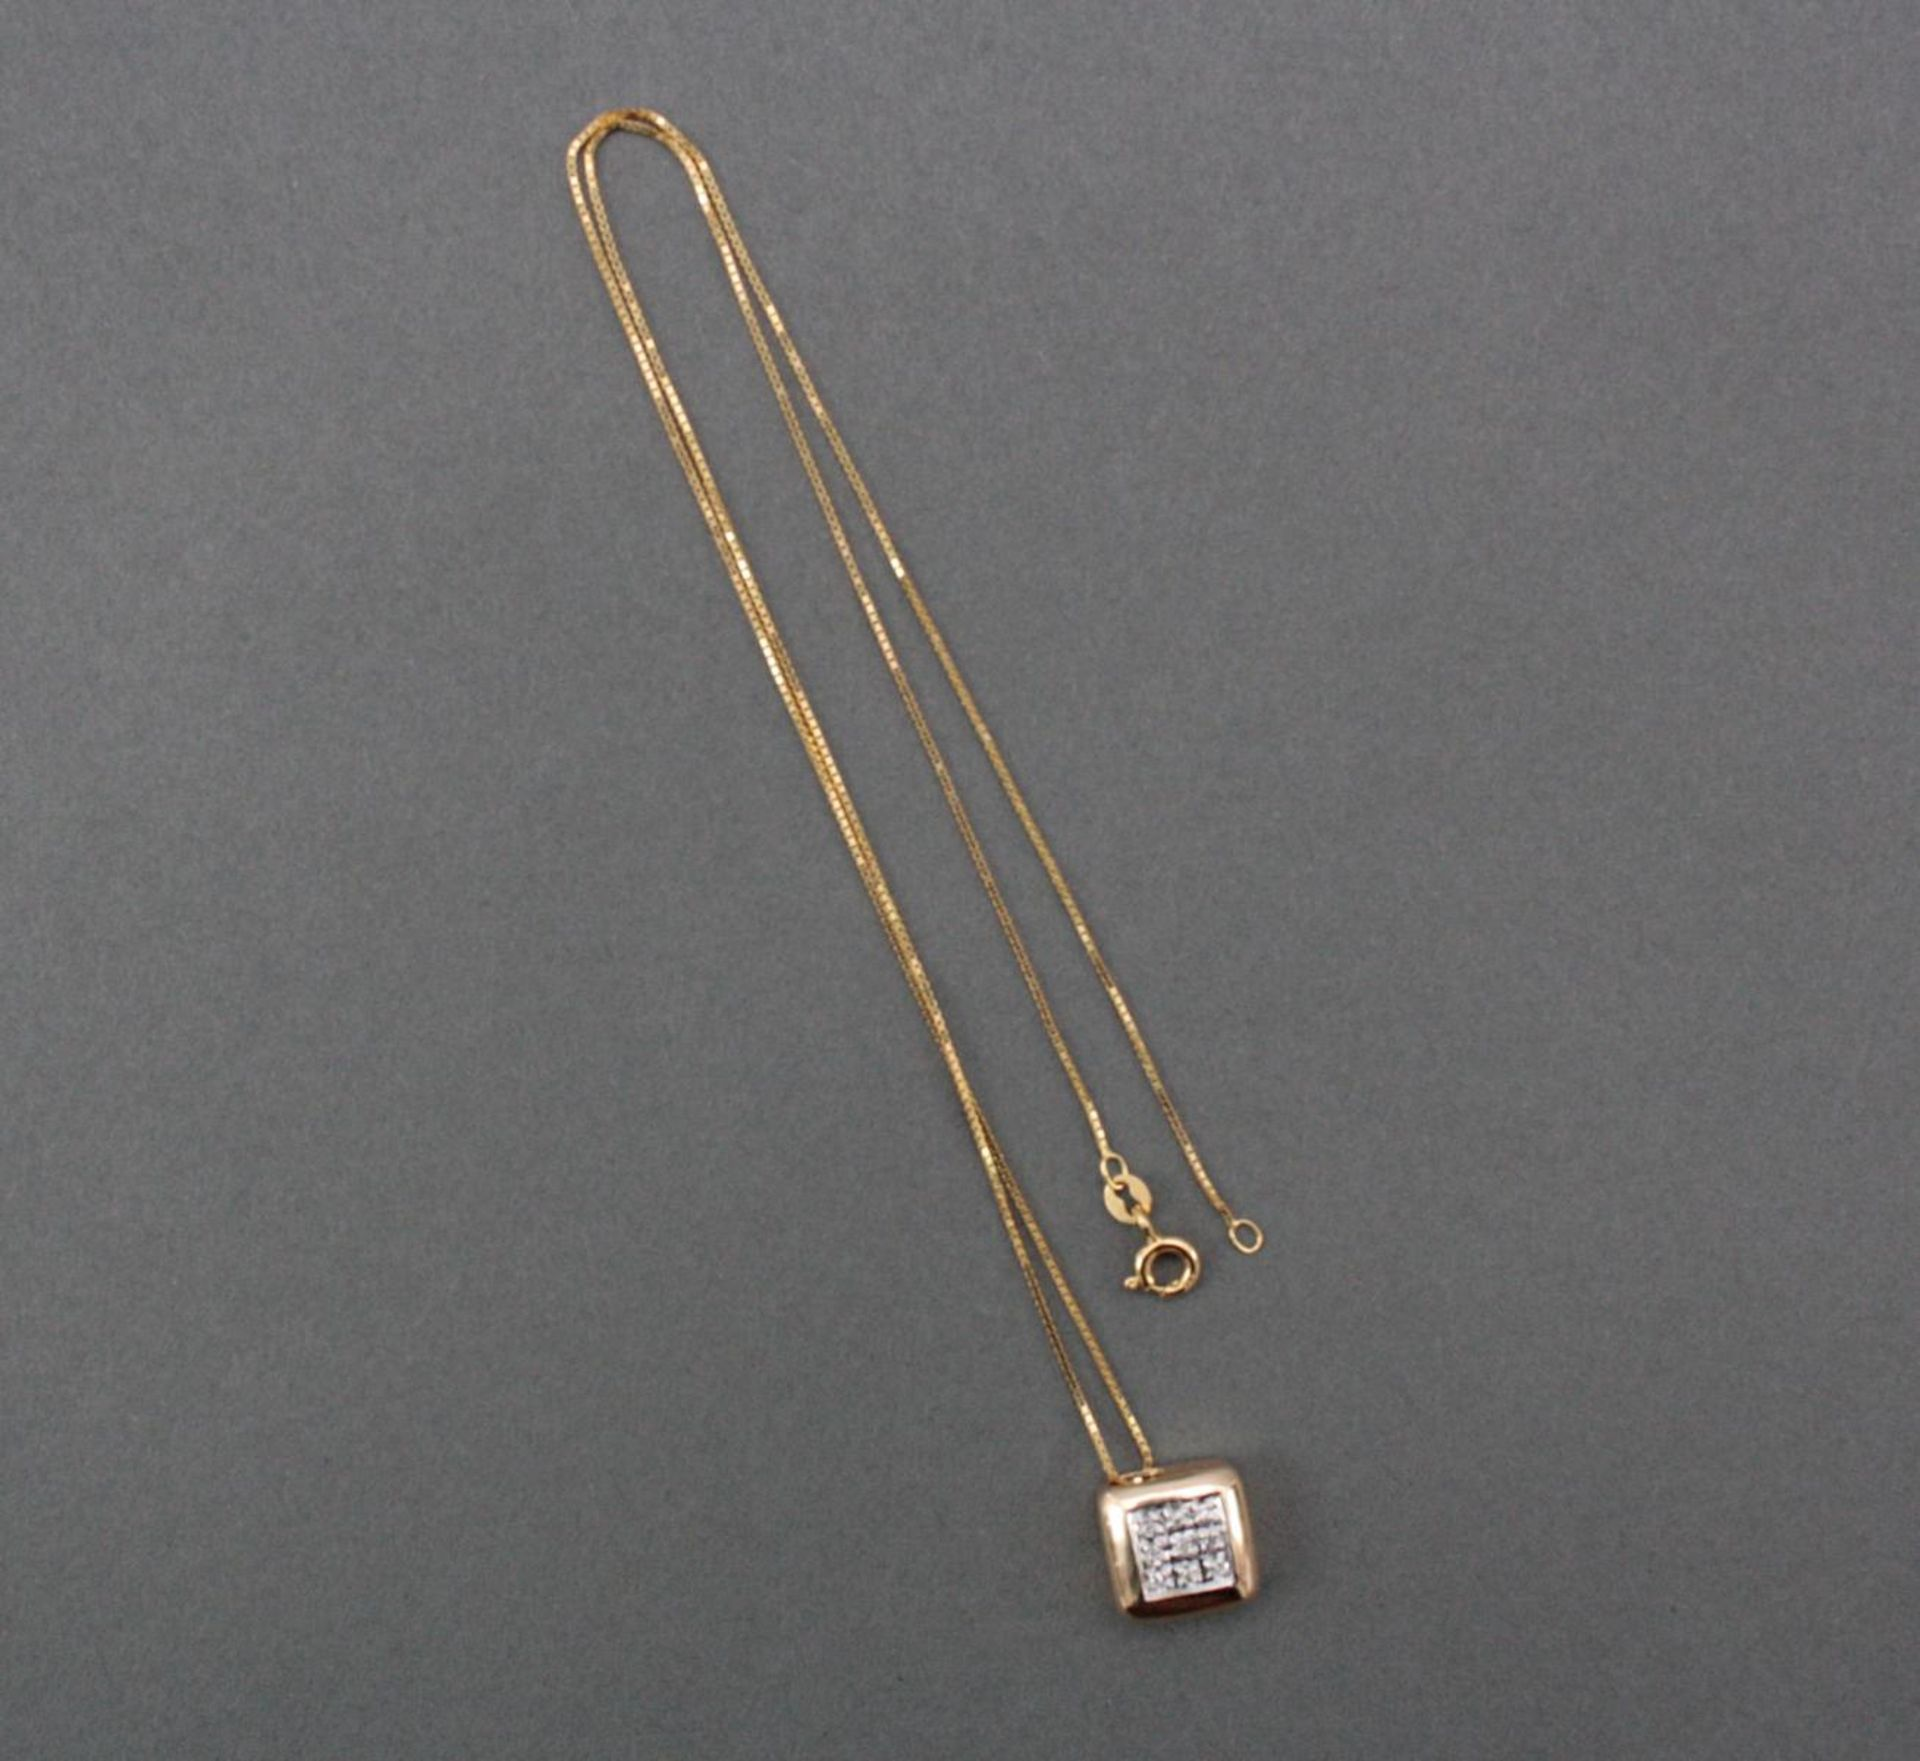 Halskette mit Diamantanhänger, 14 Karat Gelbgold